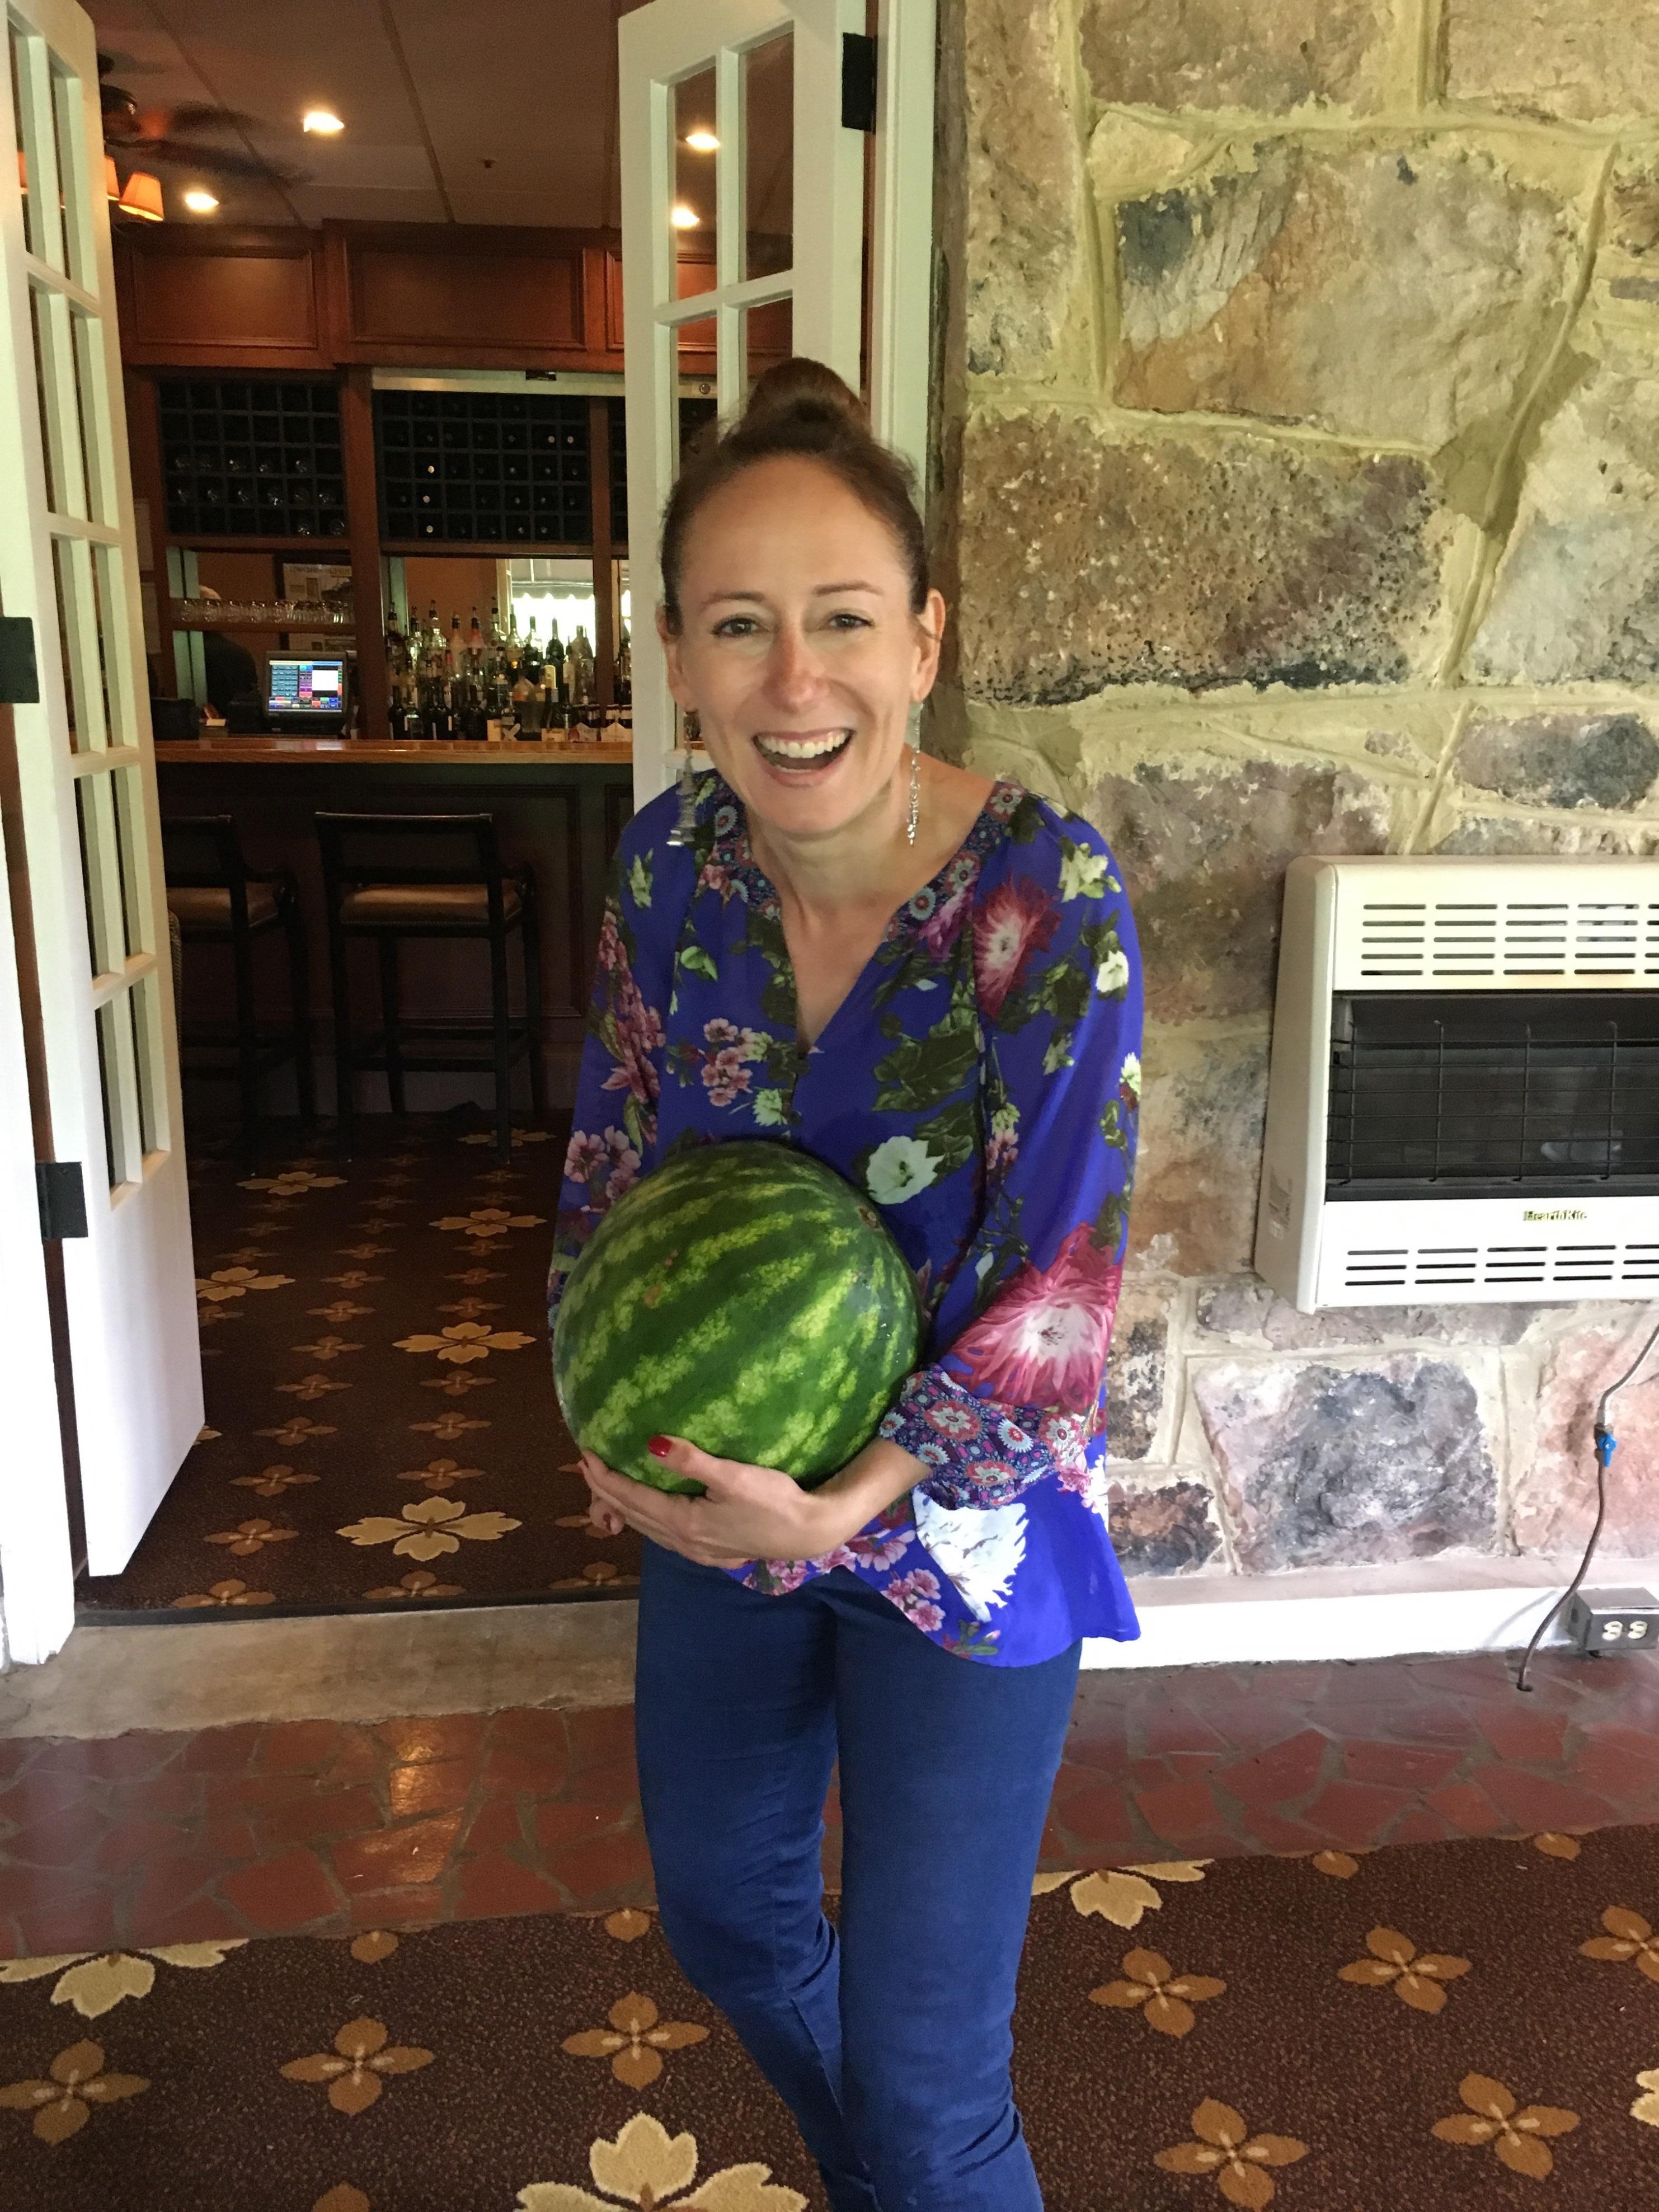 Photo: Marie-Julie Gagnon Impossible de ne pas trimballer un melon d'eau question de se mettre bien dans l'ambiance!